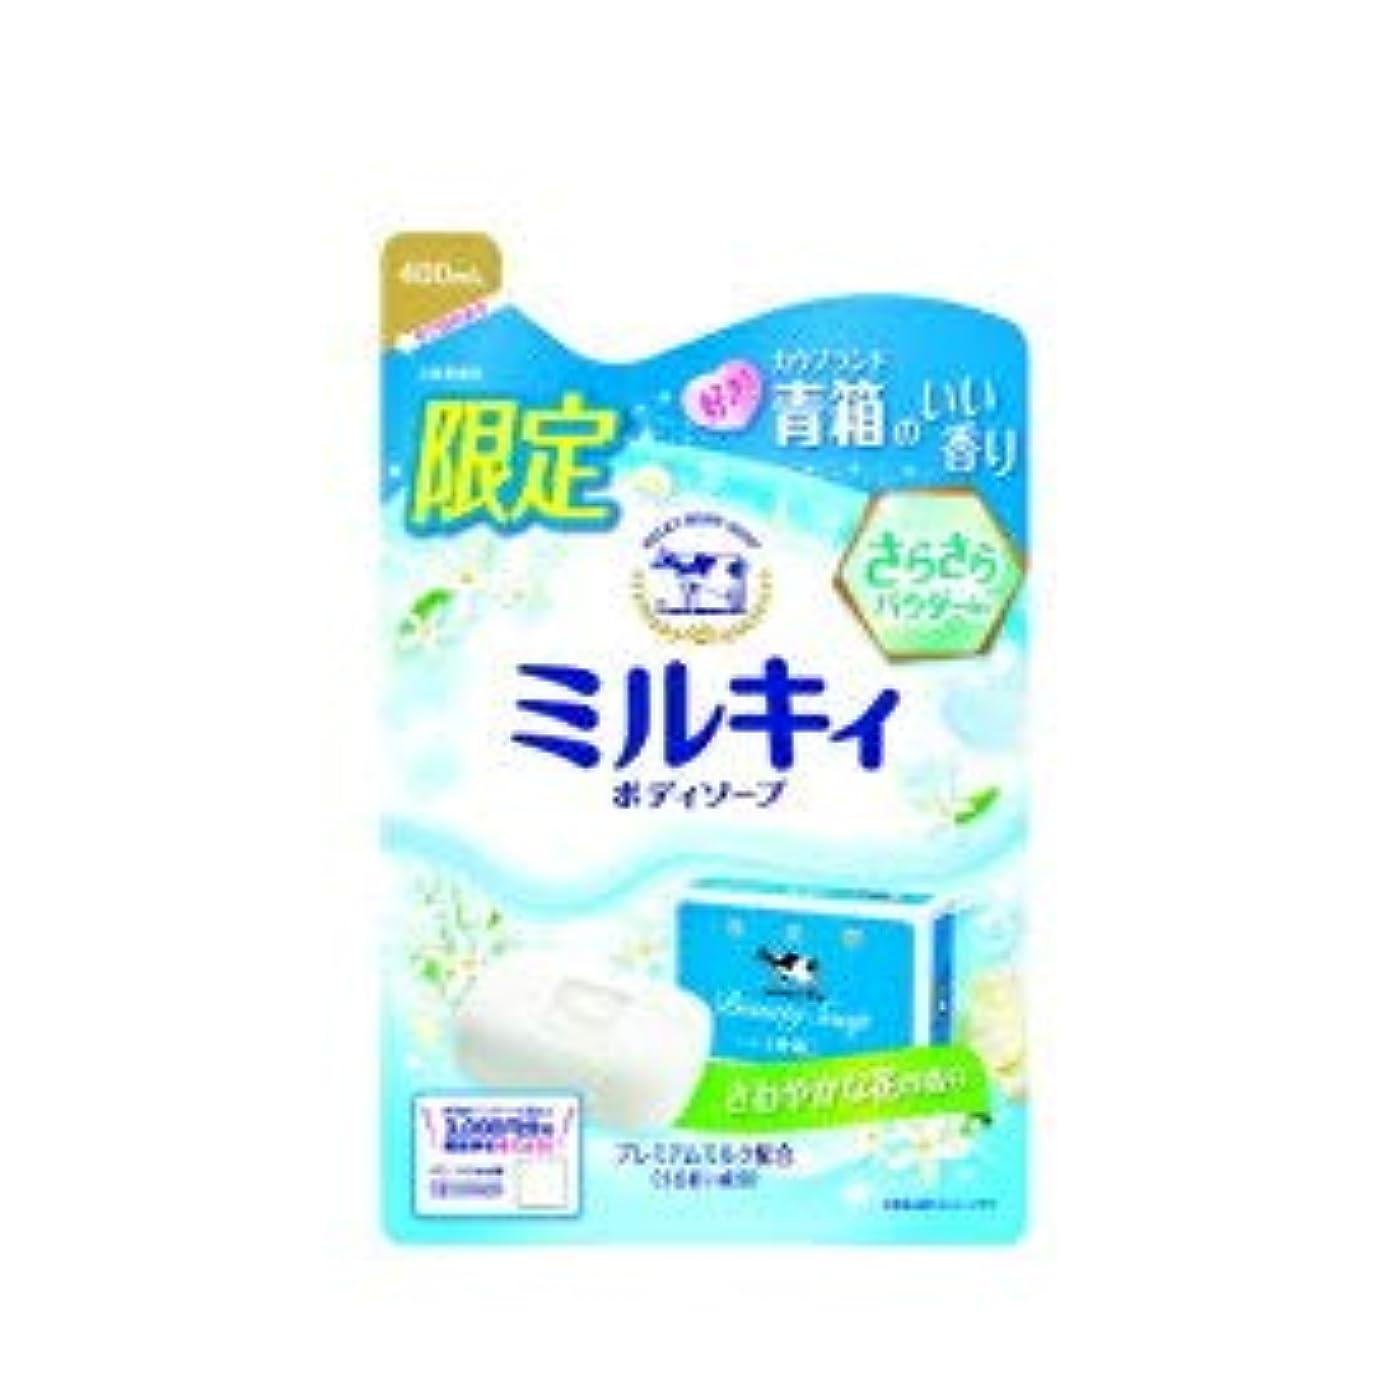 安全な不可能なブロッサム【限定】ミルキィボディソープ 青箱の香り 詰替 400ml